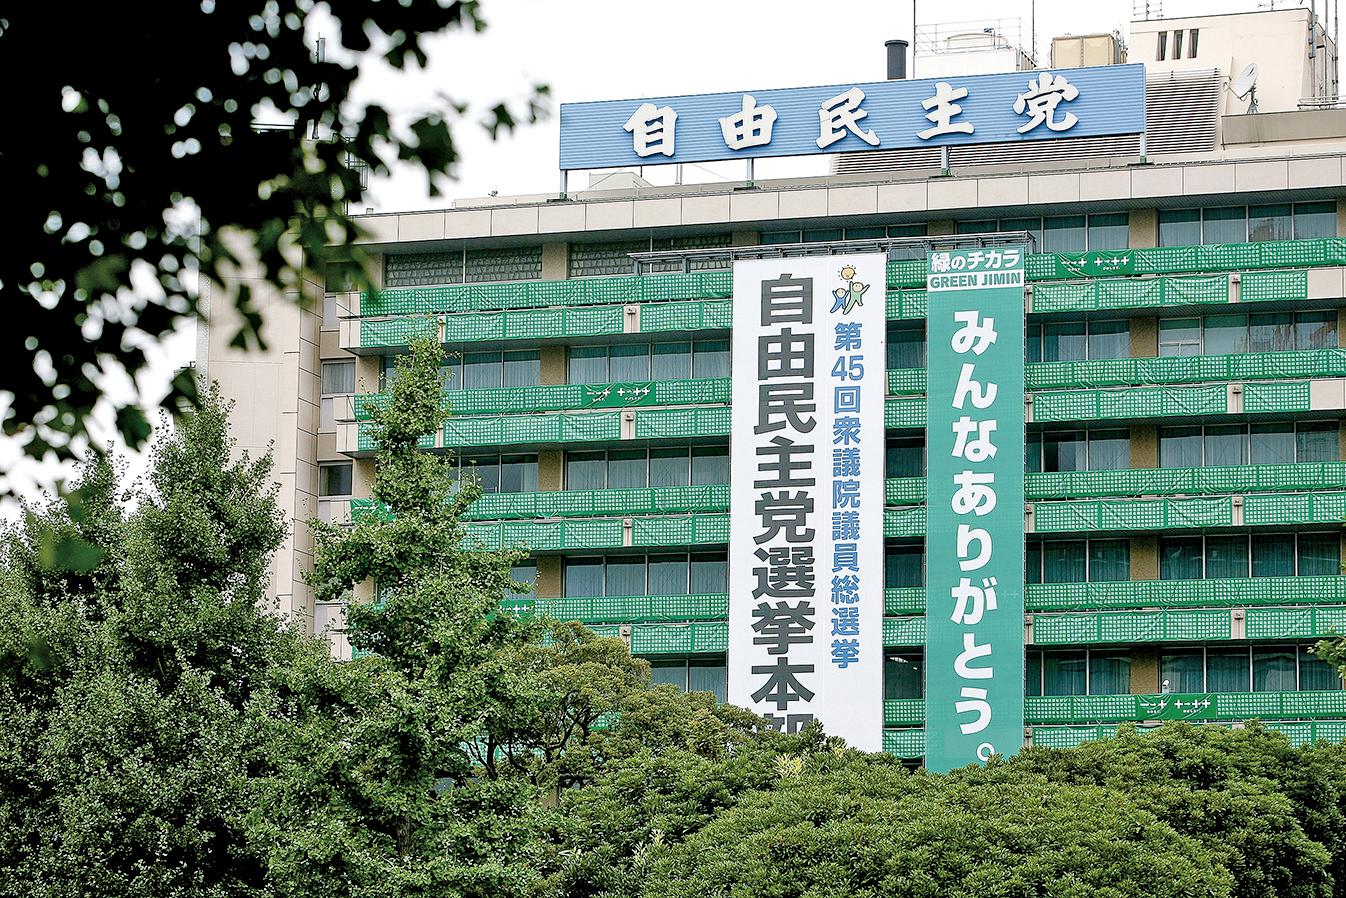 大圖為日本自民黨總部大樓。(Getty Images)小圖為自民黨眾議員秋元司。(維基百科)